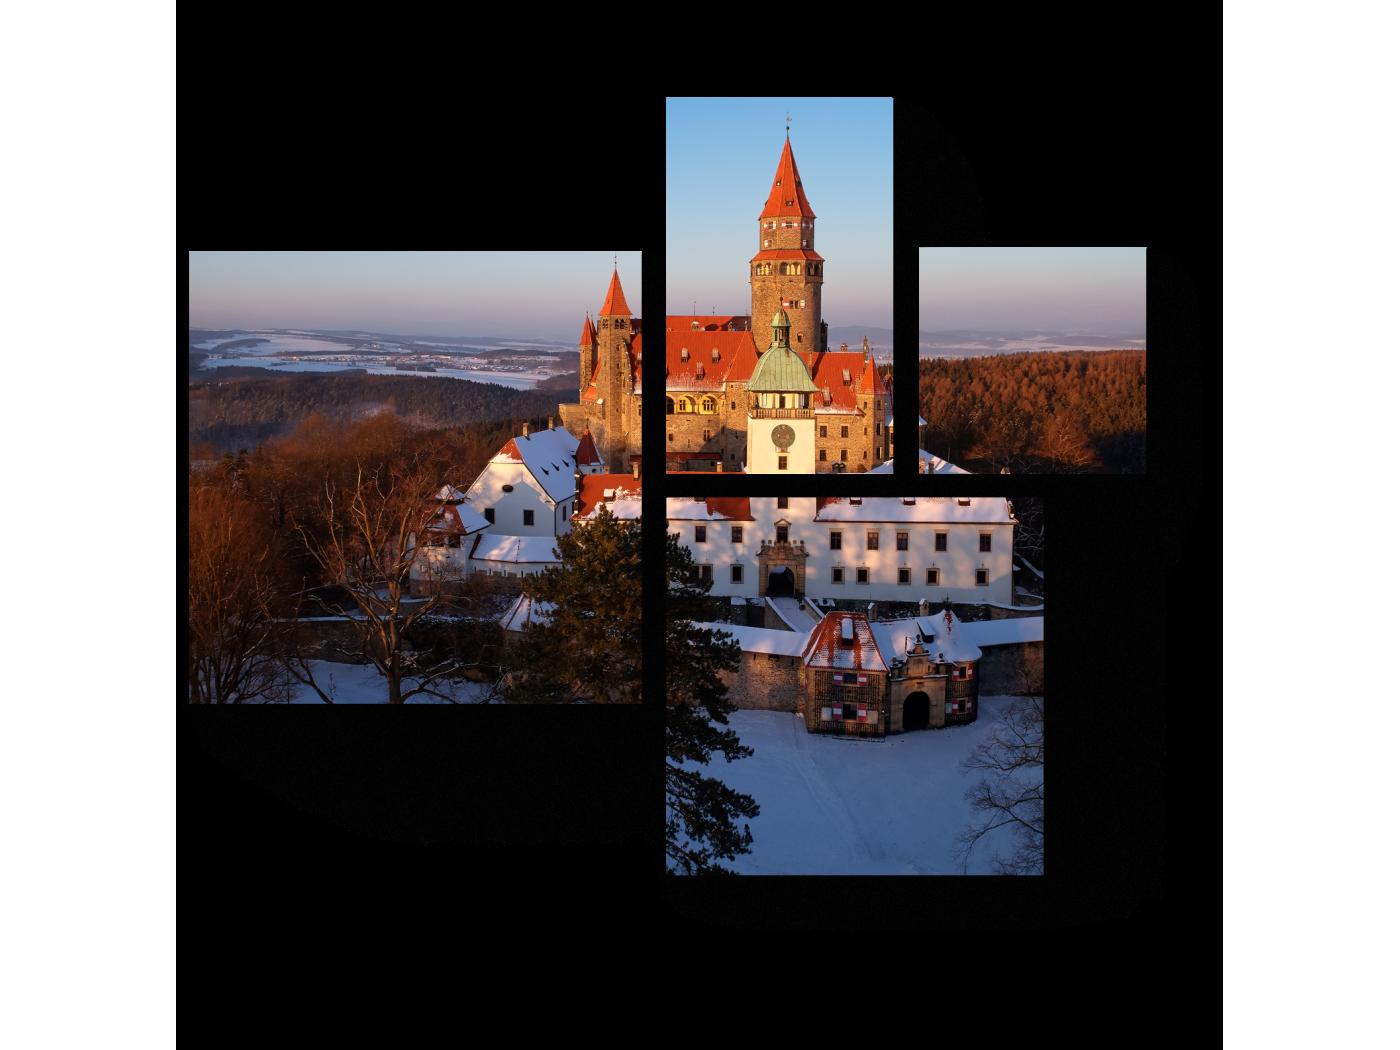 Модульная картина Романтический сказочный замок зимой (72x60) фото